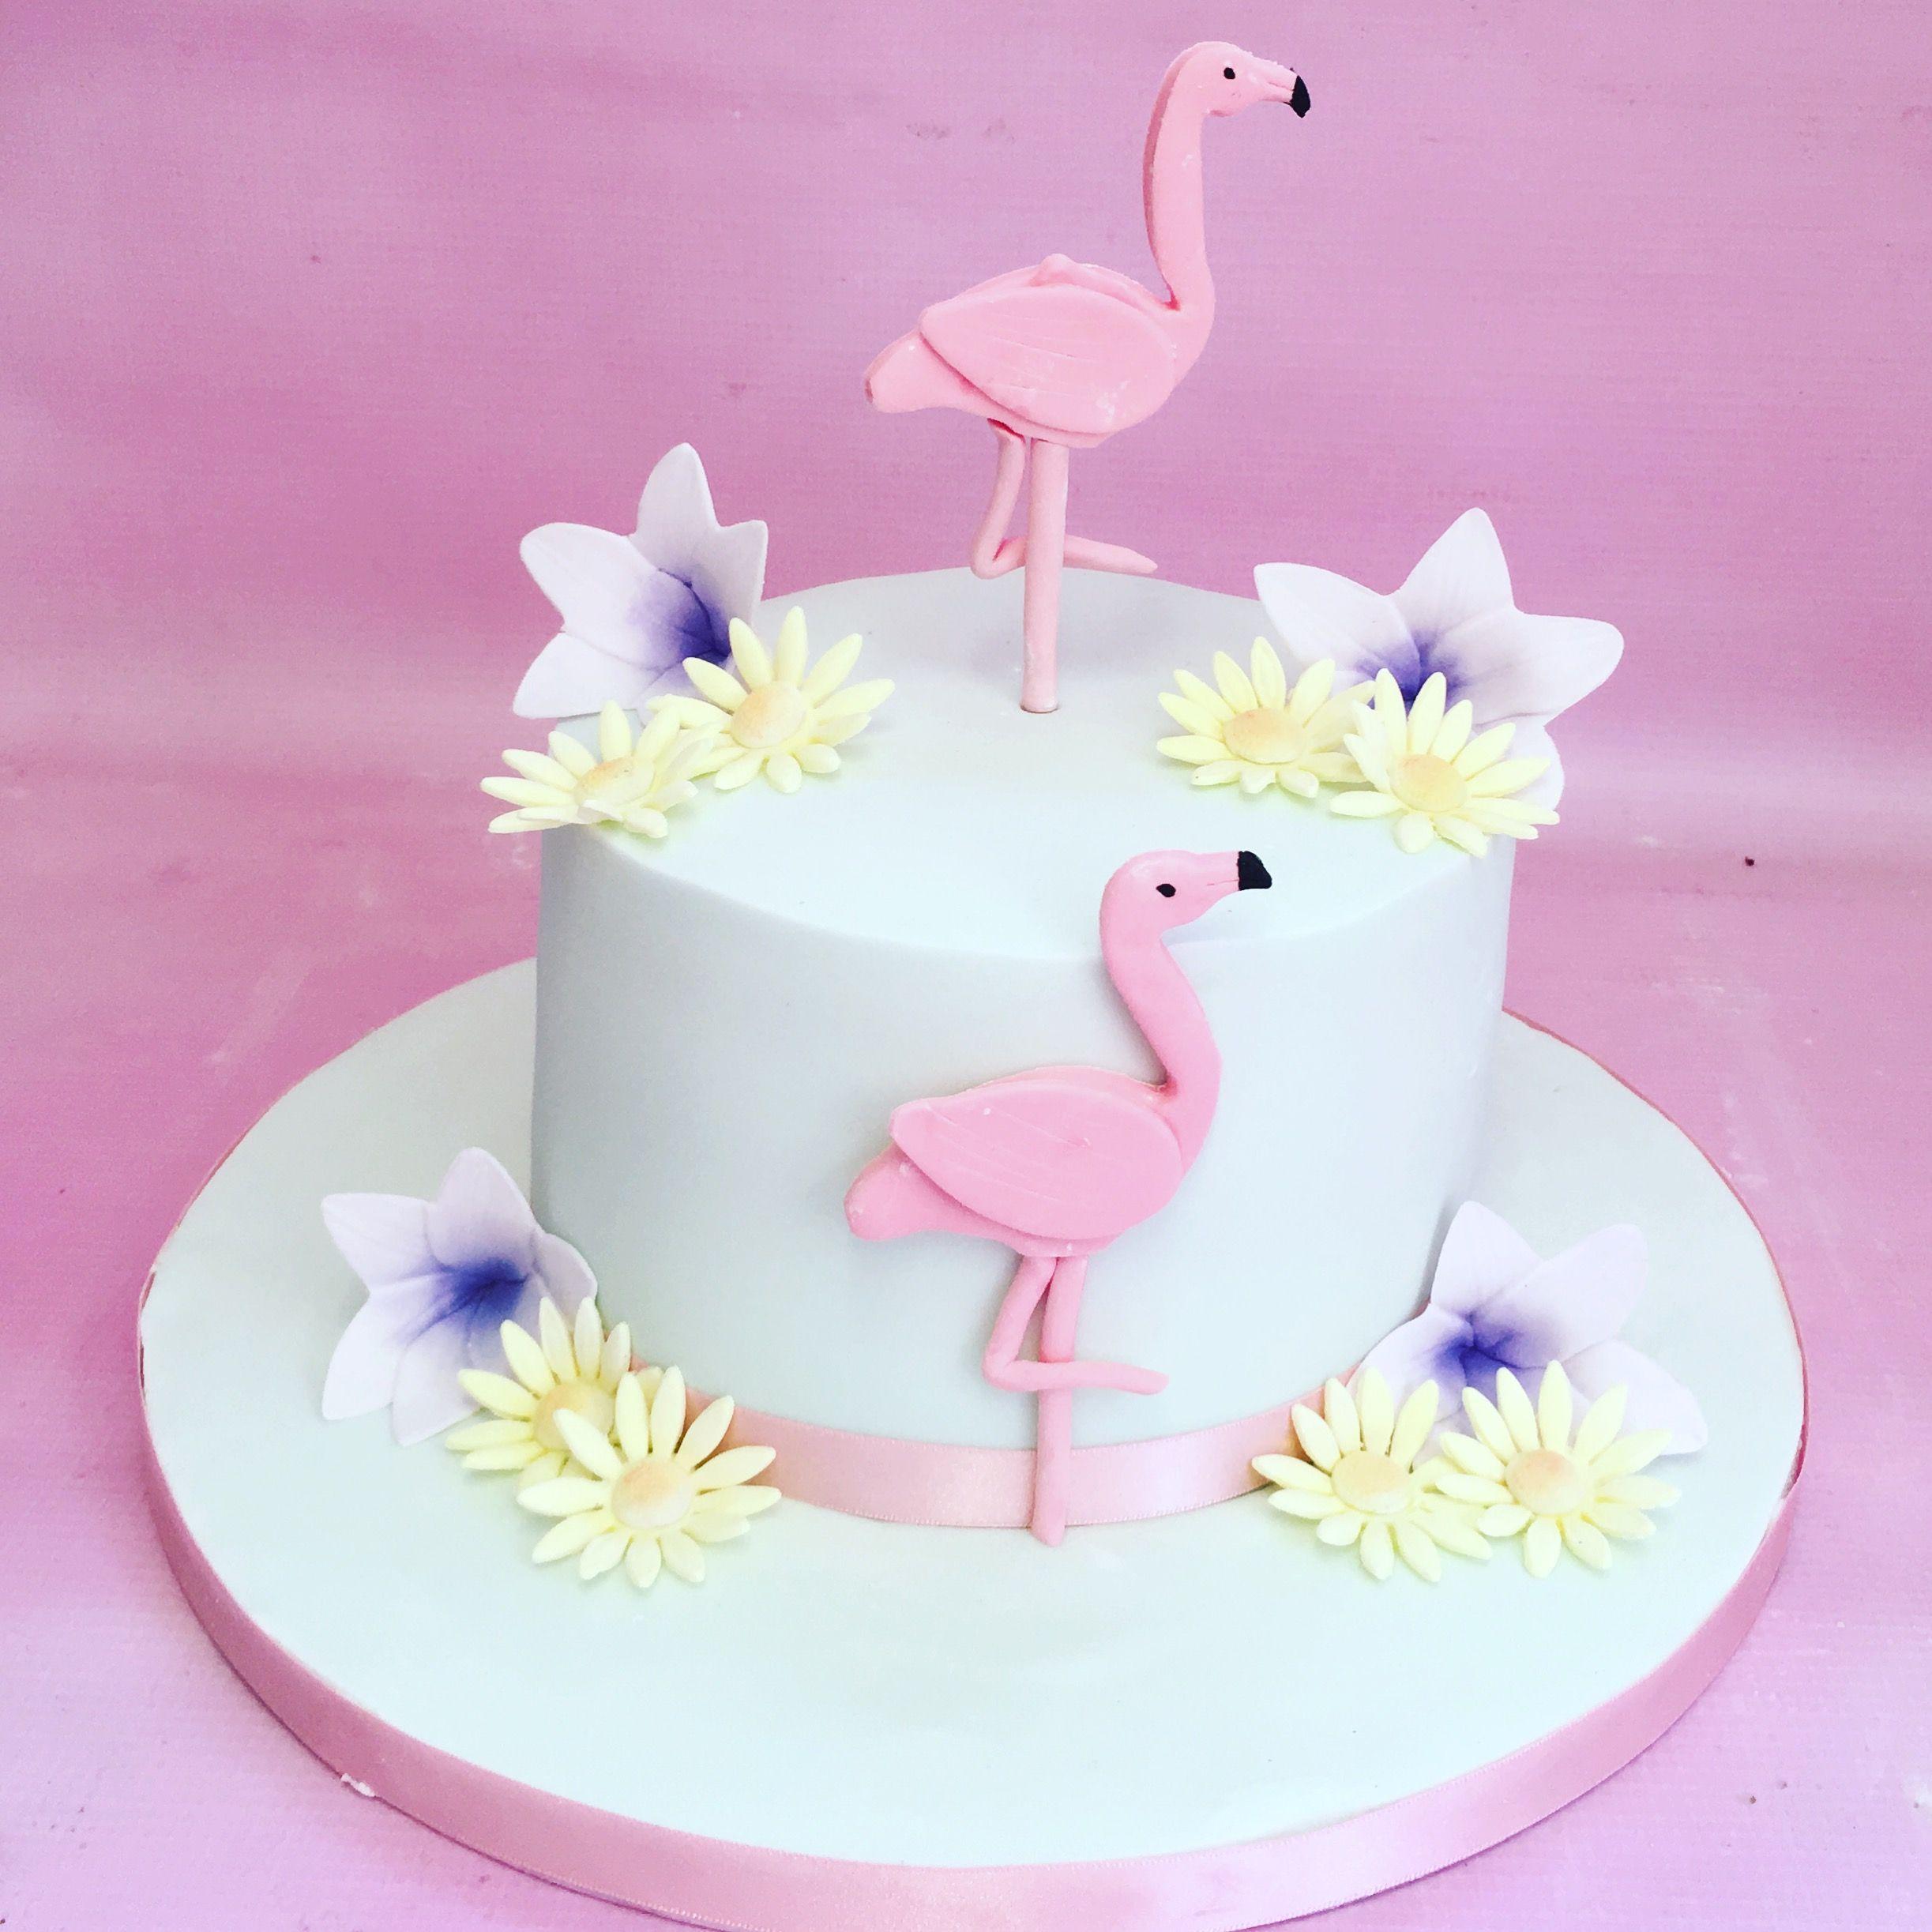 Single tier birthday cake with sugar flamingos and sugar